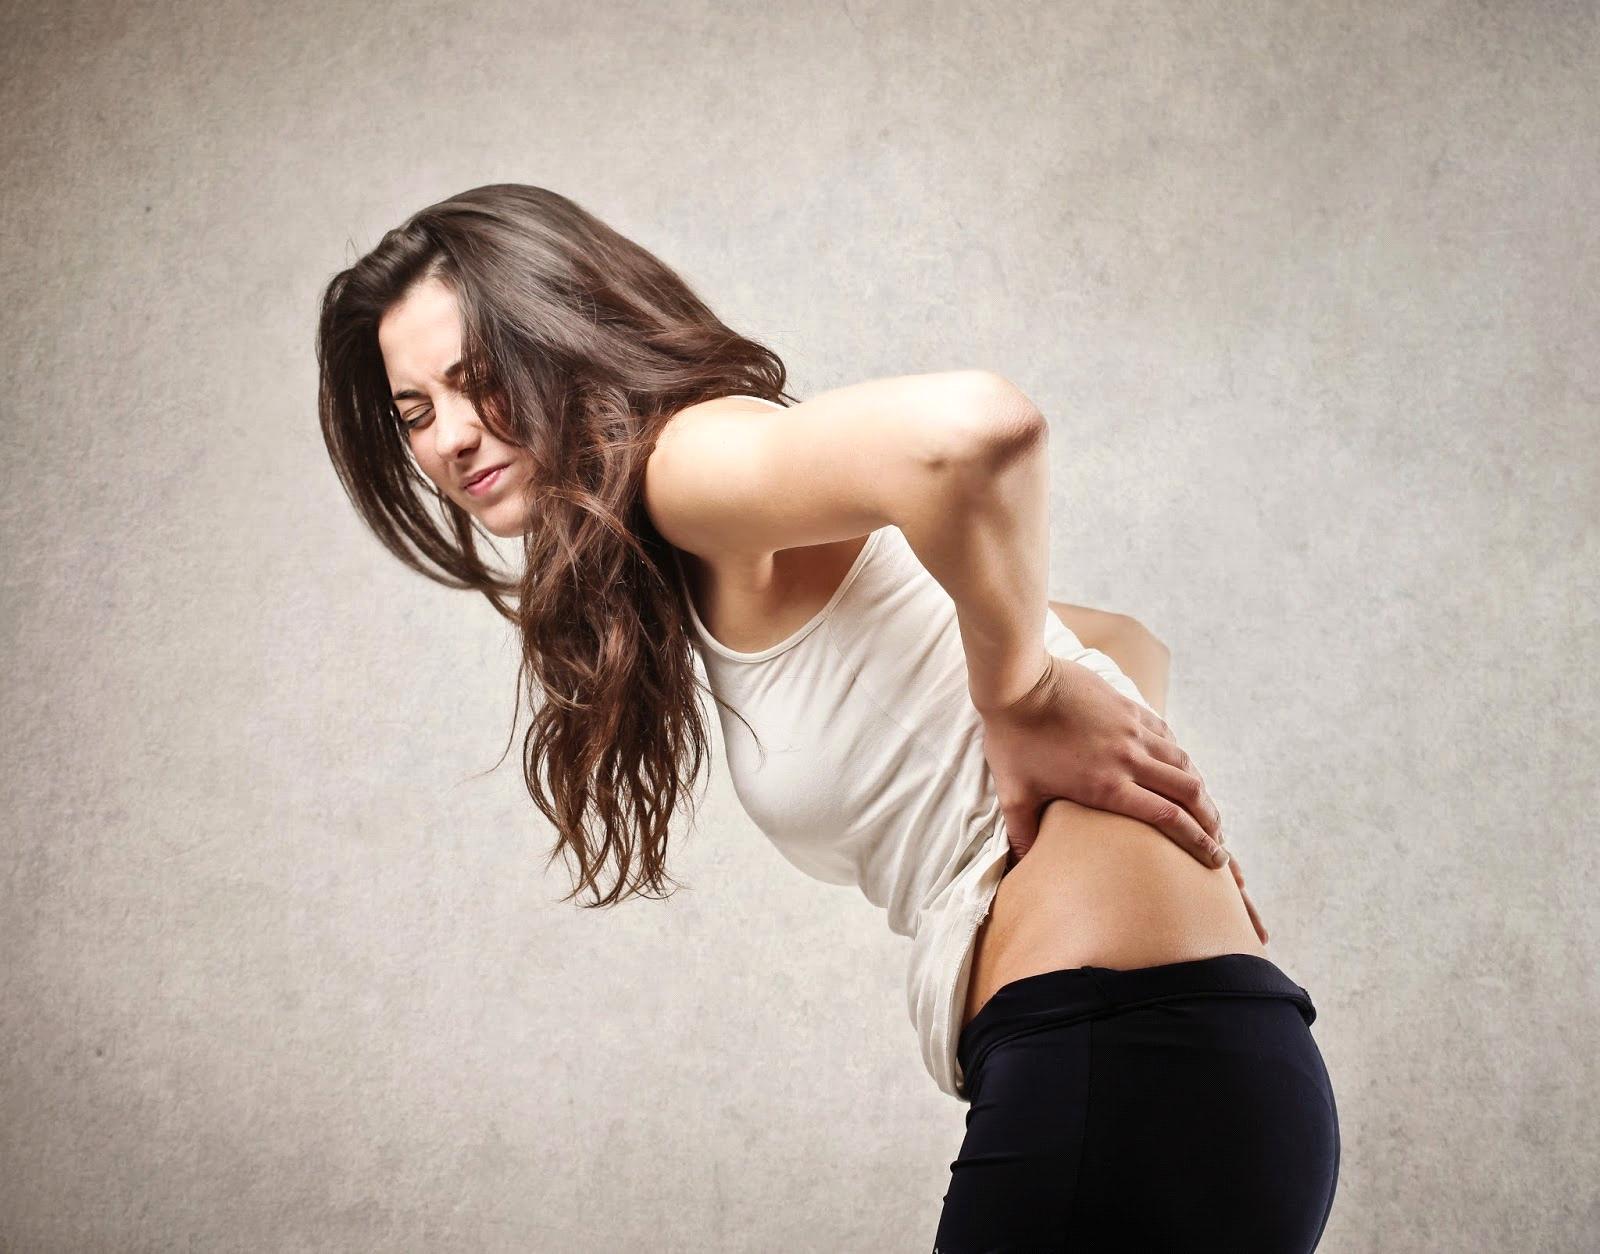 Muôn vàn cách chấm dứt chứng đau lưng khó chịu